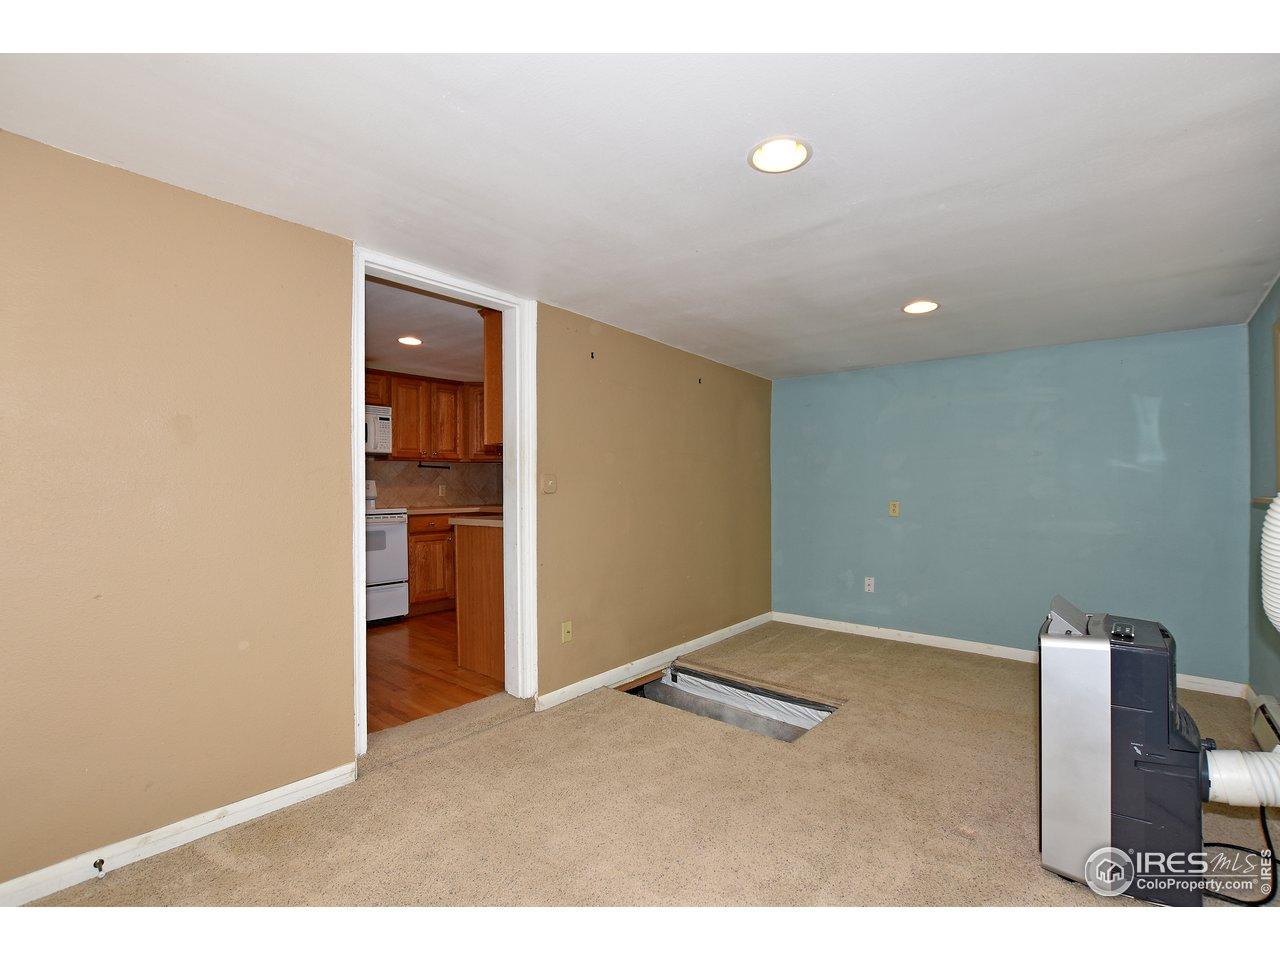 Trap door to tons of standing room storage & utilities